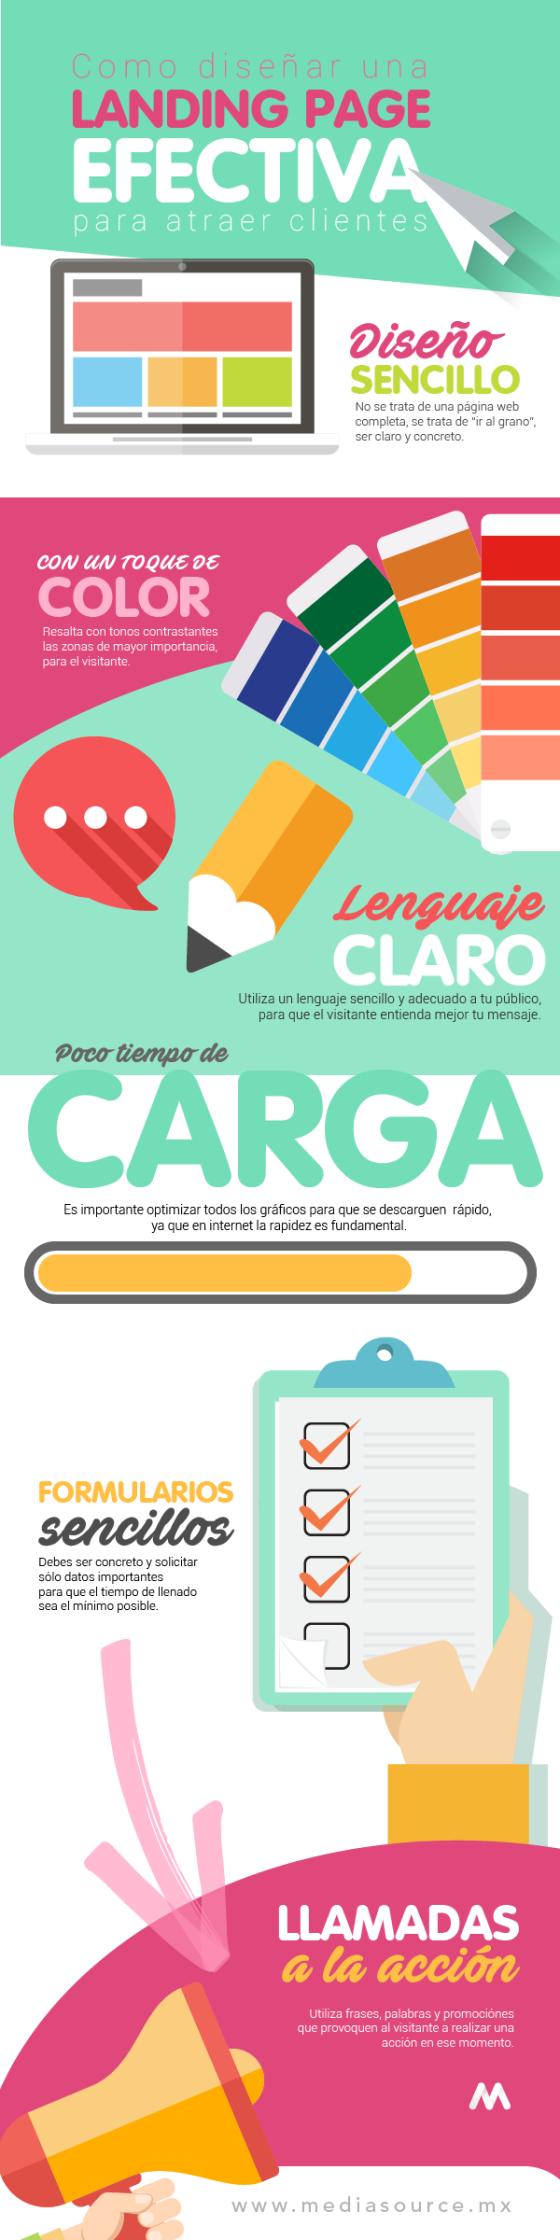 Cómo diseñar una Landing Page efectiva